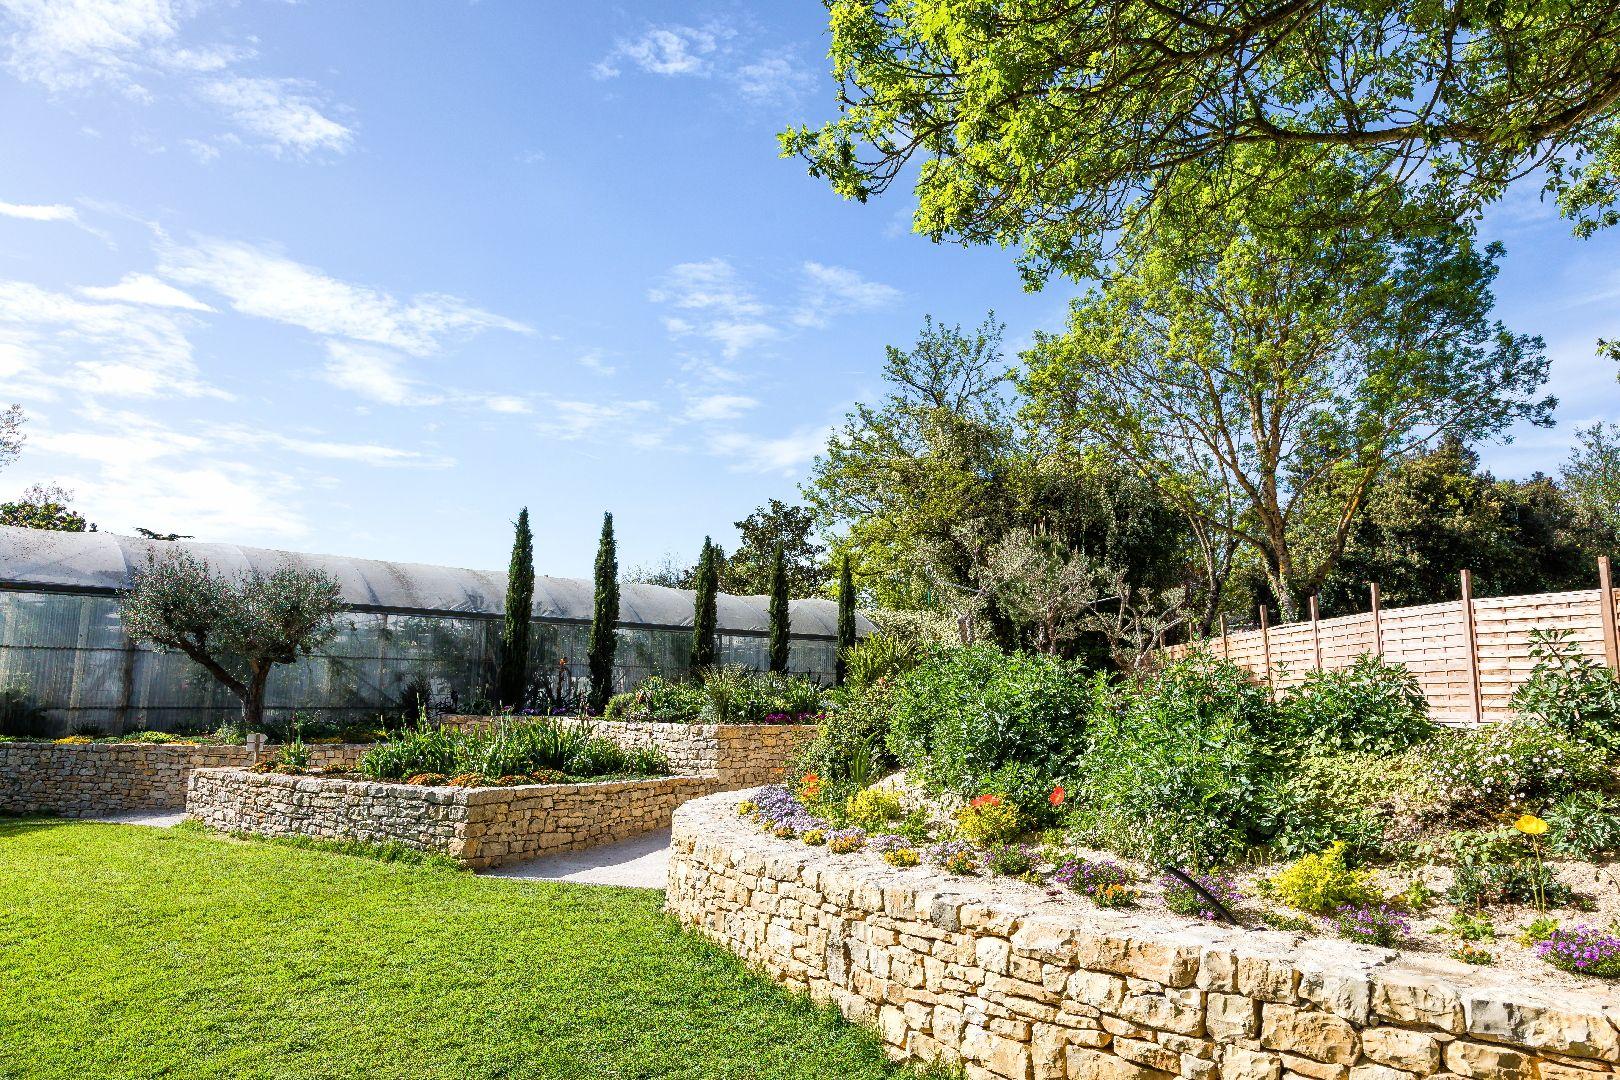 Palbrois Gérald | jardinier à Jonquières